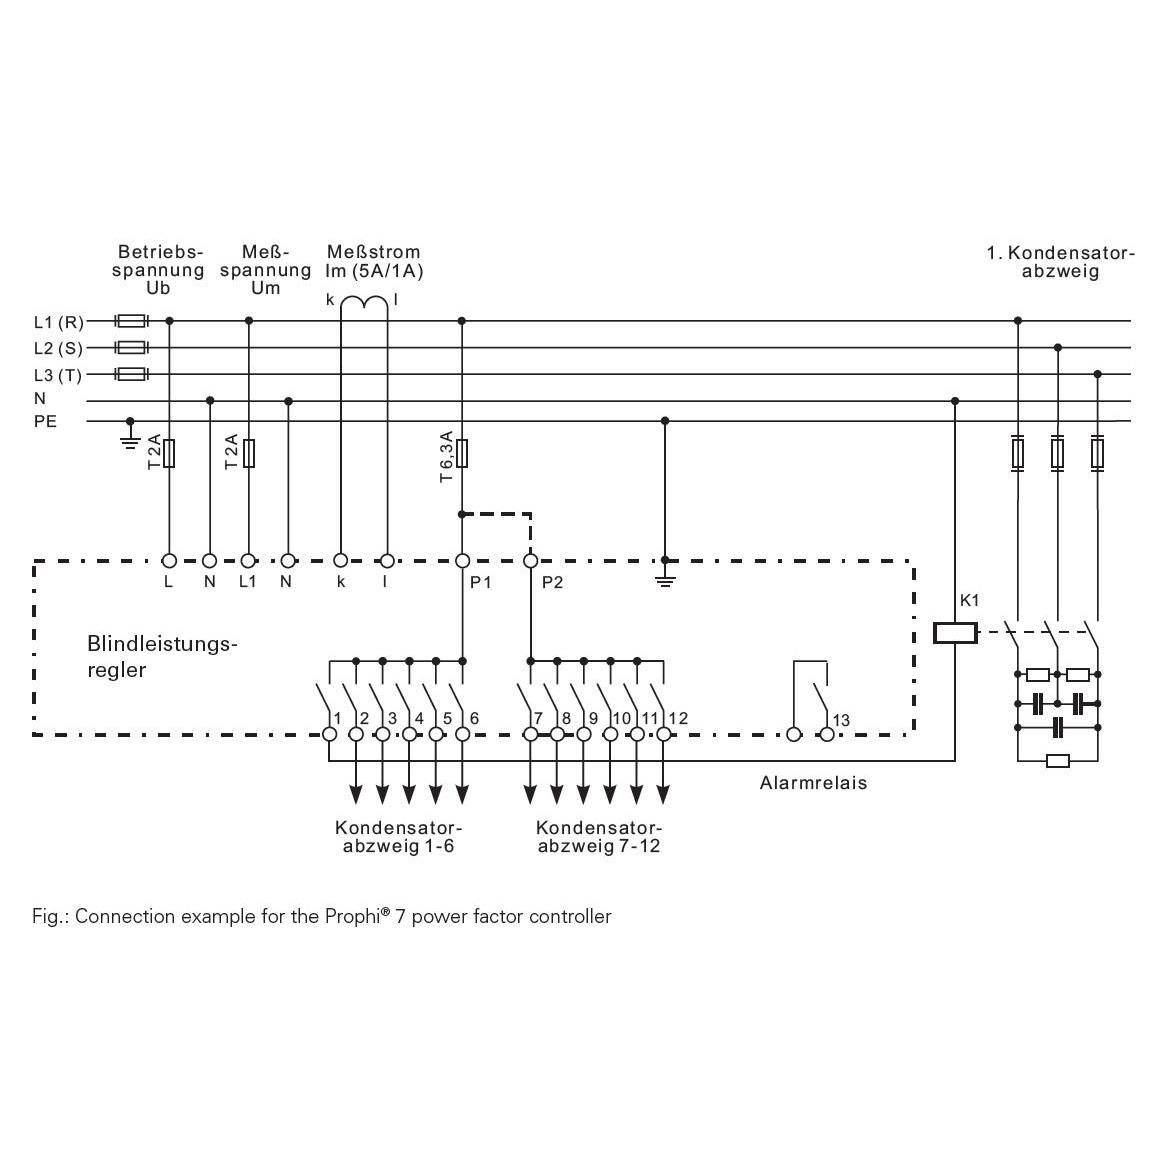 Схема подключения Prophi 7-R